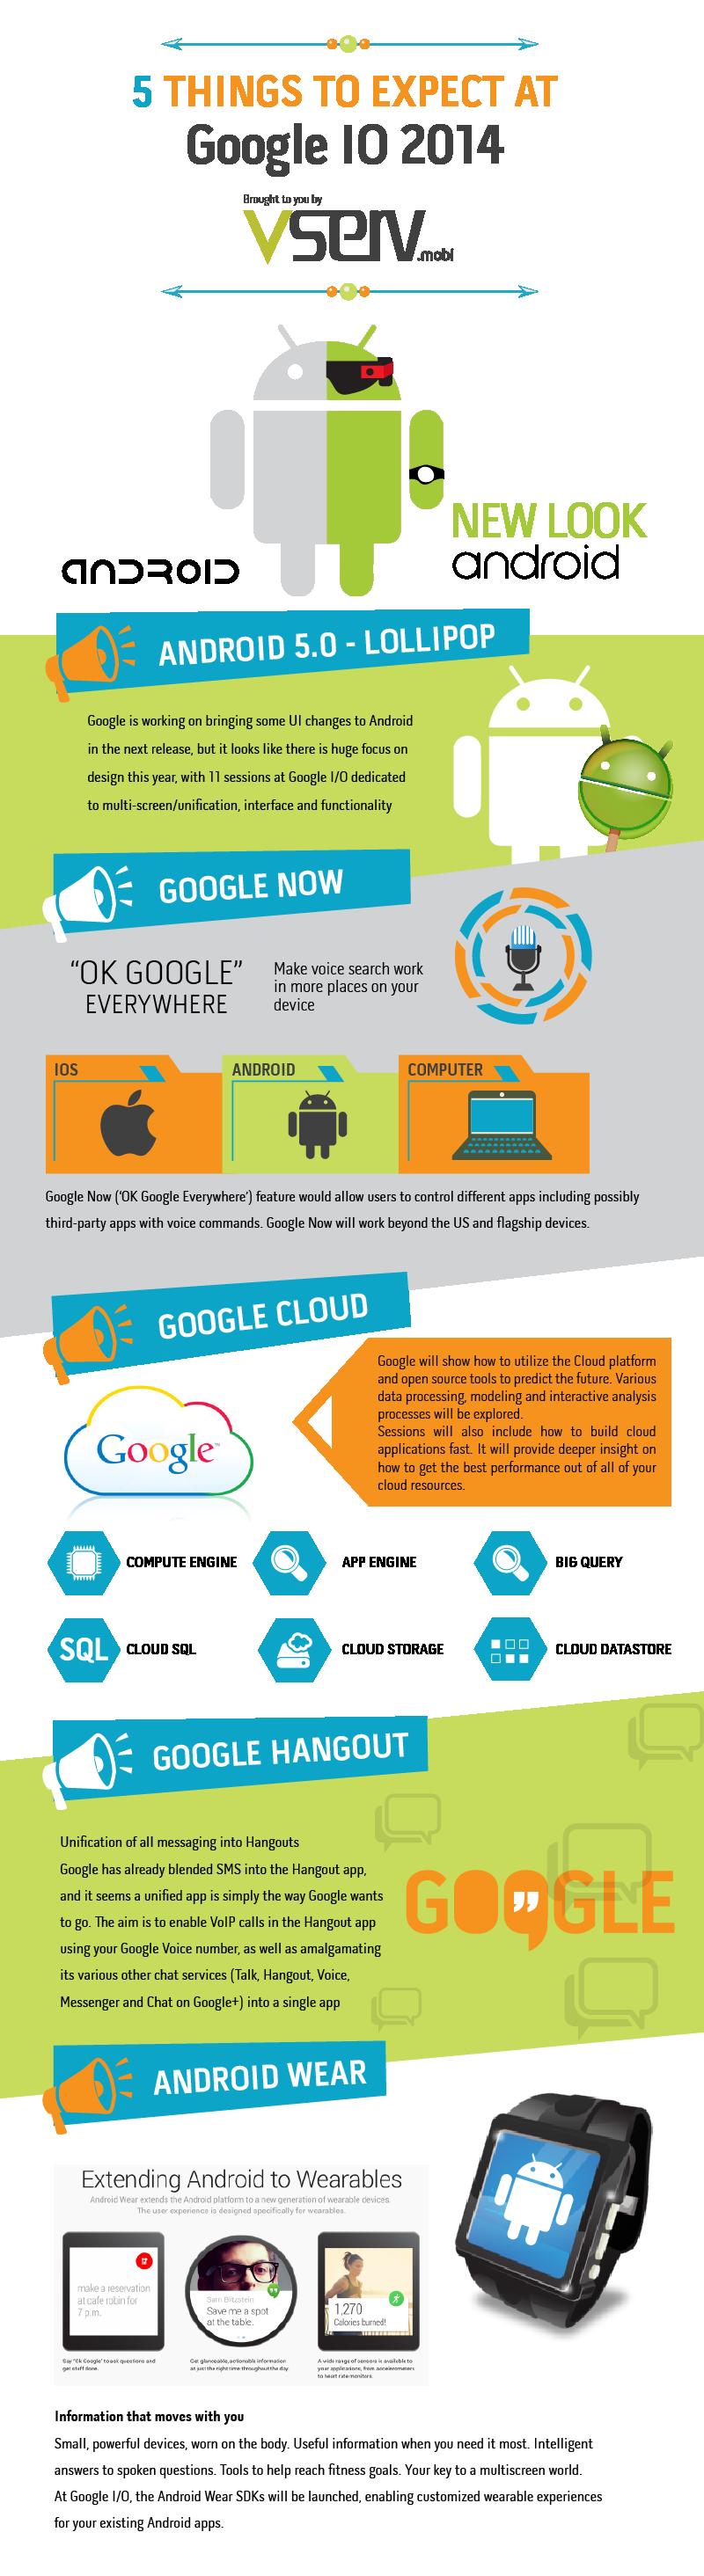 5 Things to Expect at Google I/O